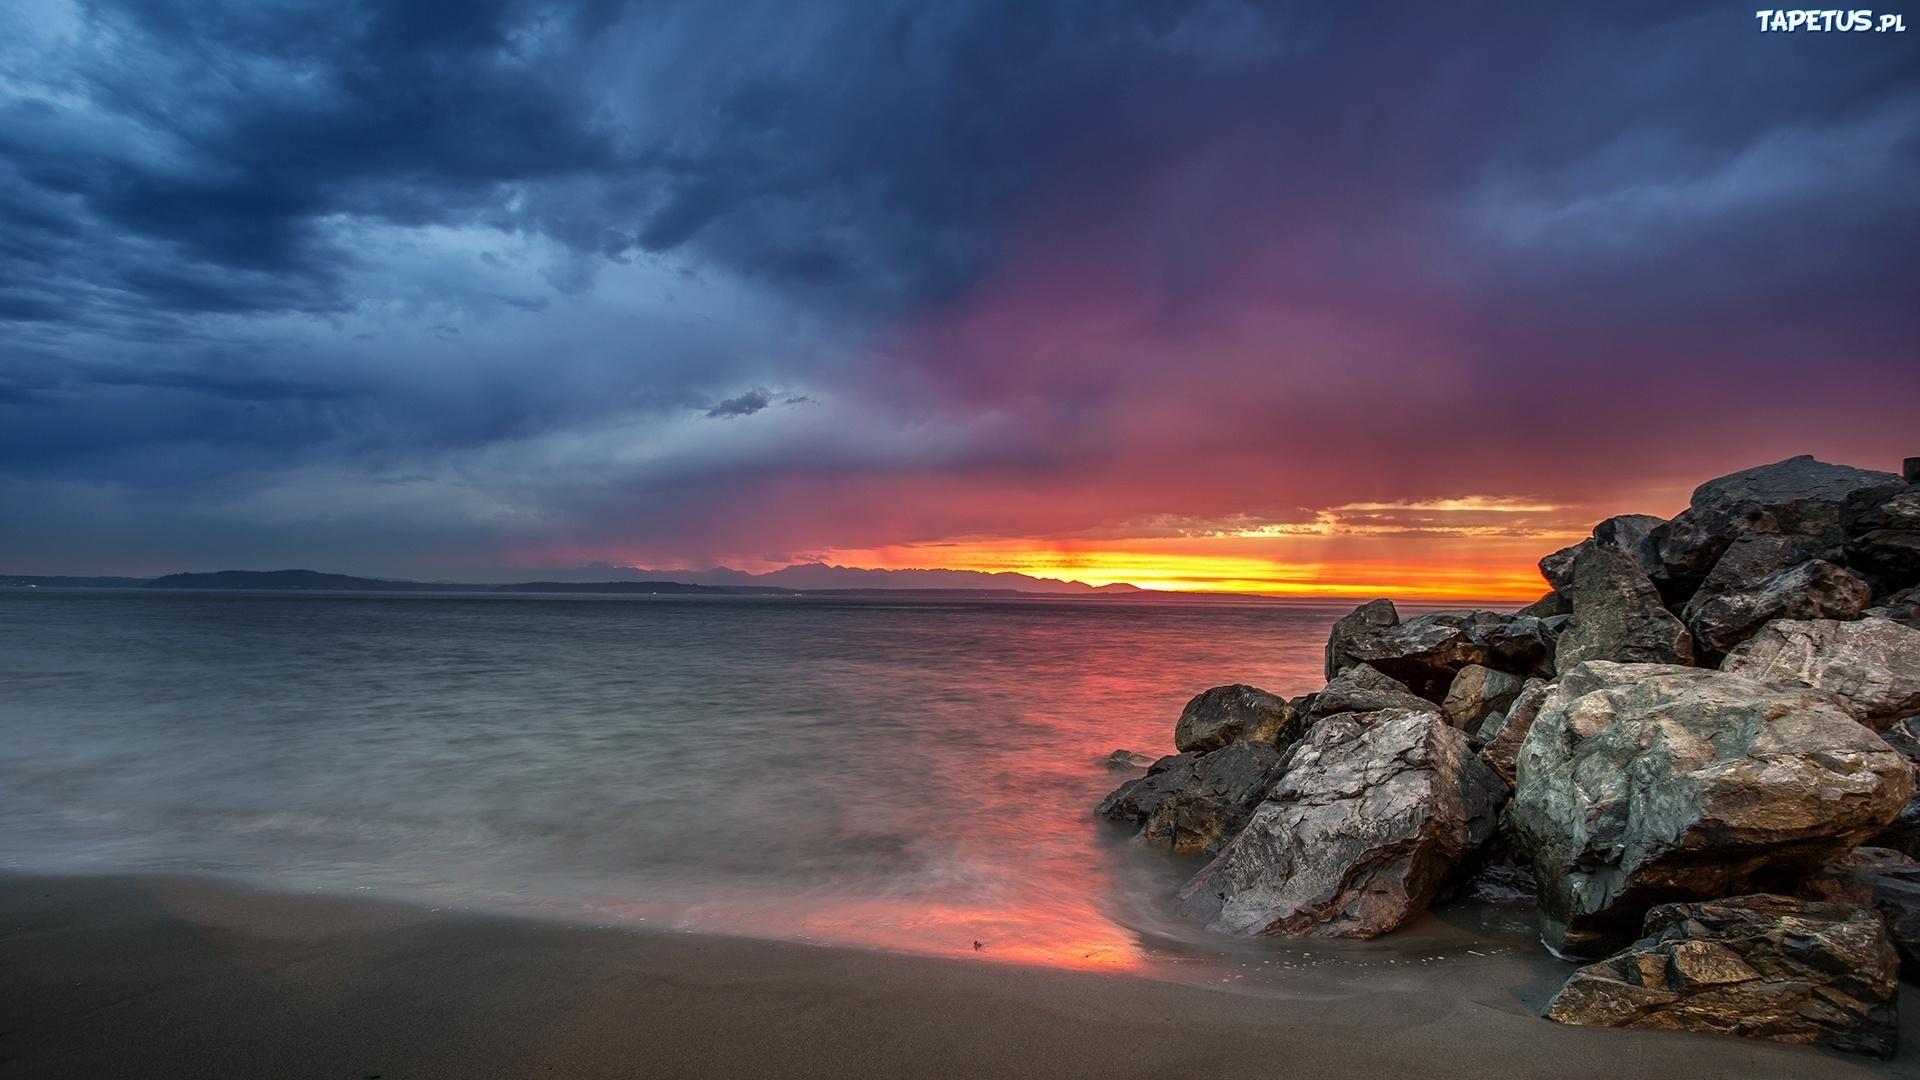 камни рассвет берег море подборки